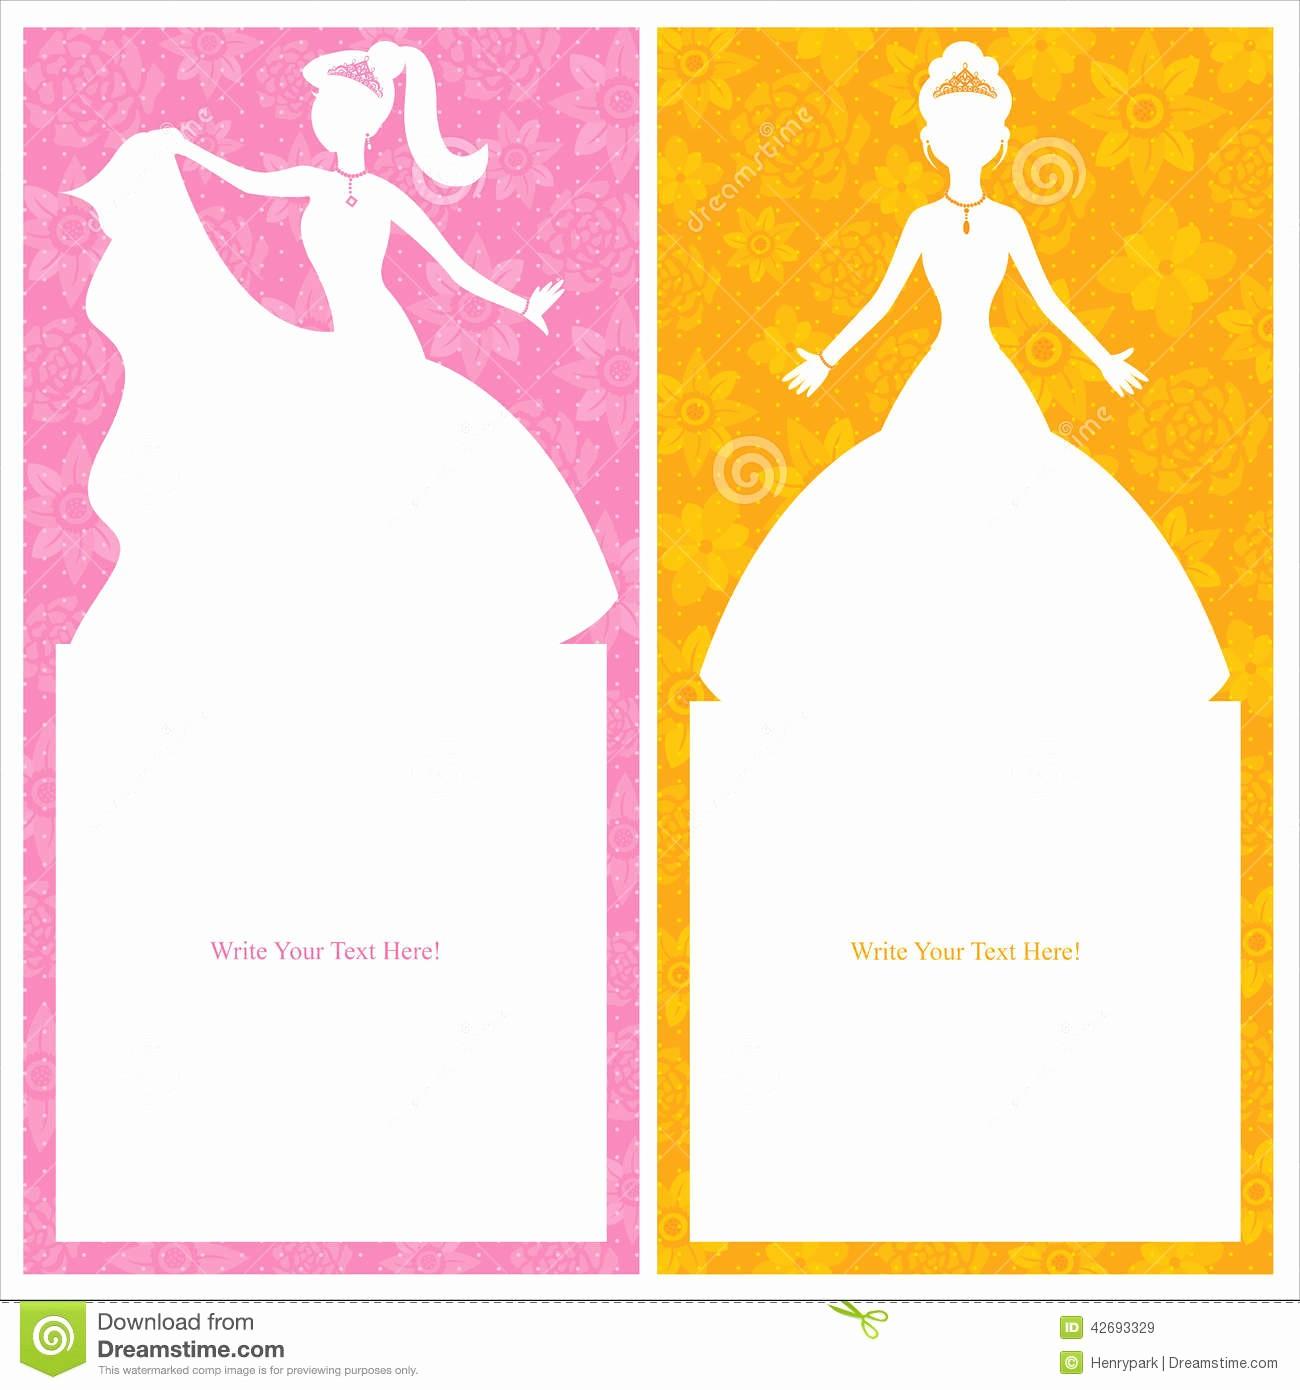 Diseños De Tarjetas De Cumpleaños Beautiful Diseño De Tarjeta De La Princesa Del Cumpleaños